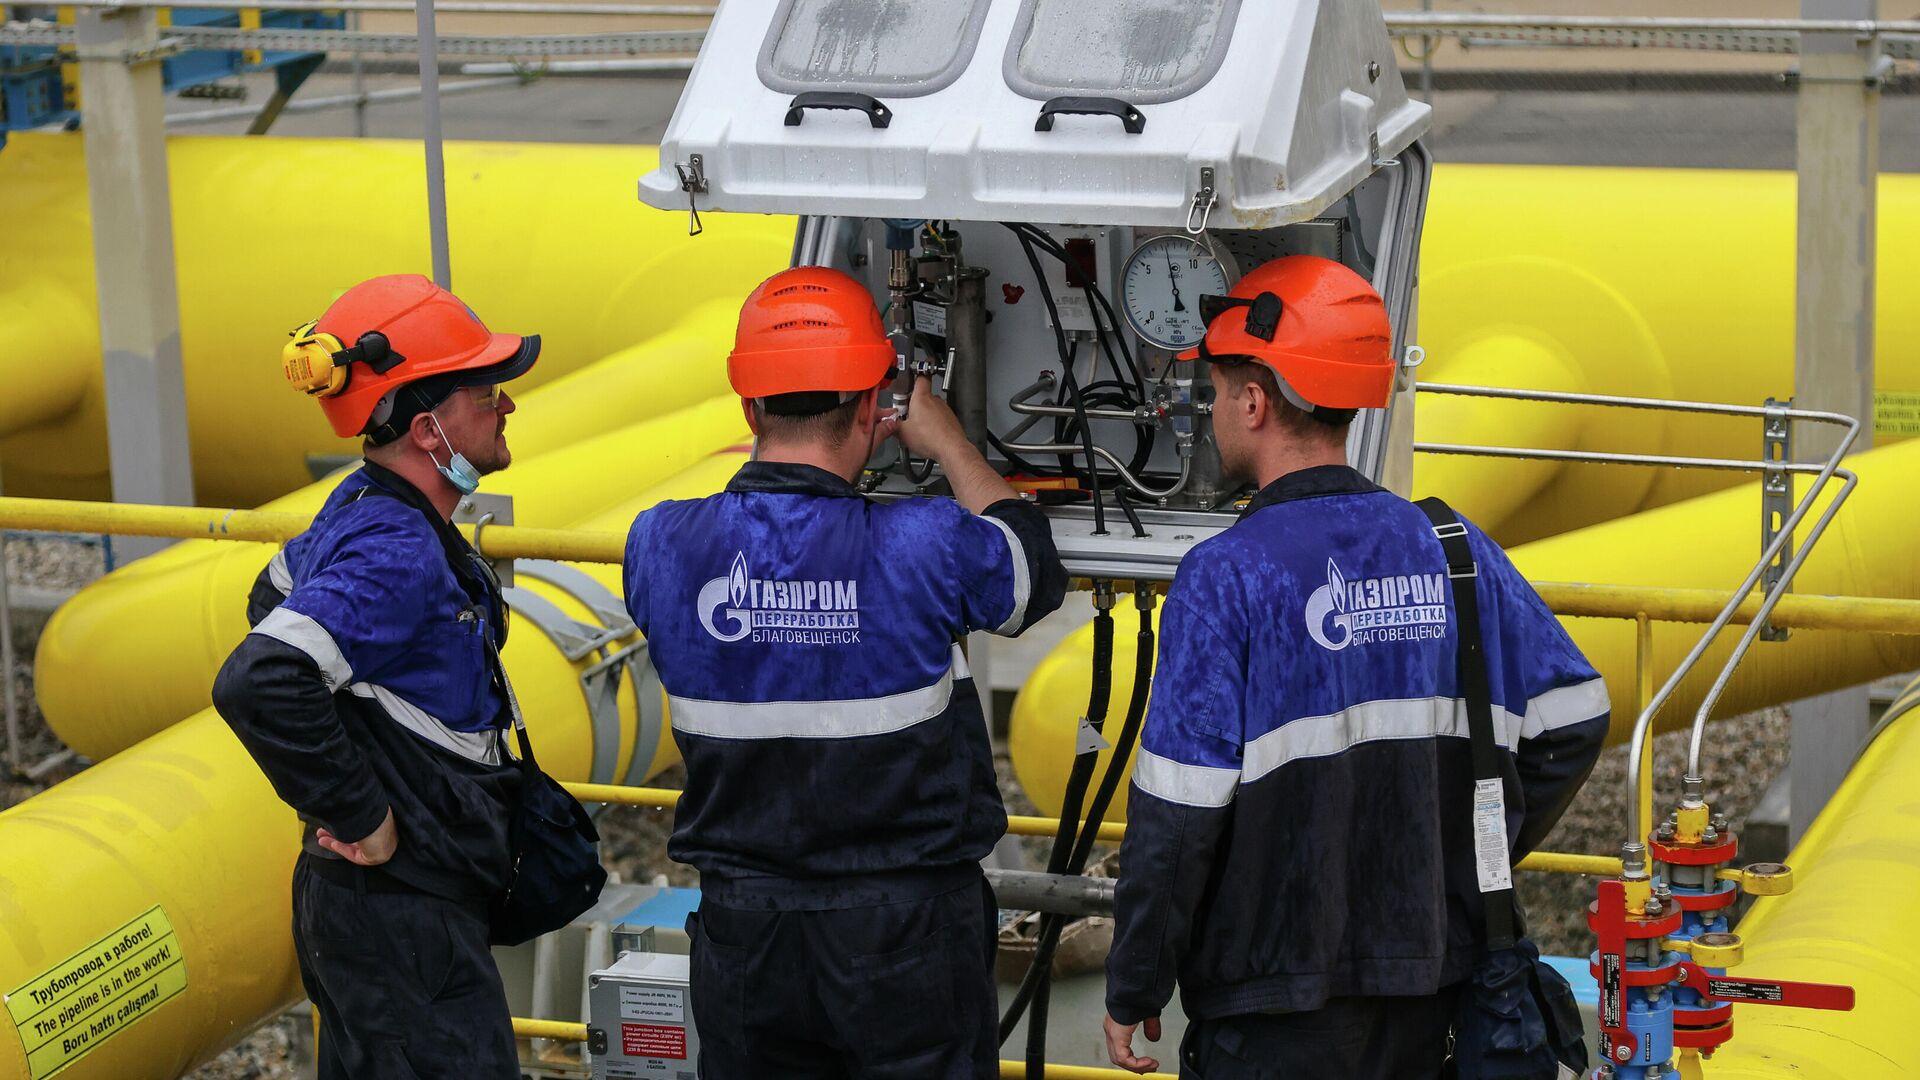 Рабочие у узлов учета газа Амурского газоперерабатывающего завода компании Газпром - РИА Новости, 1920, 04.10.2021